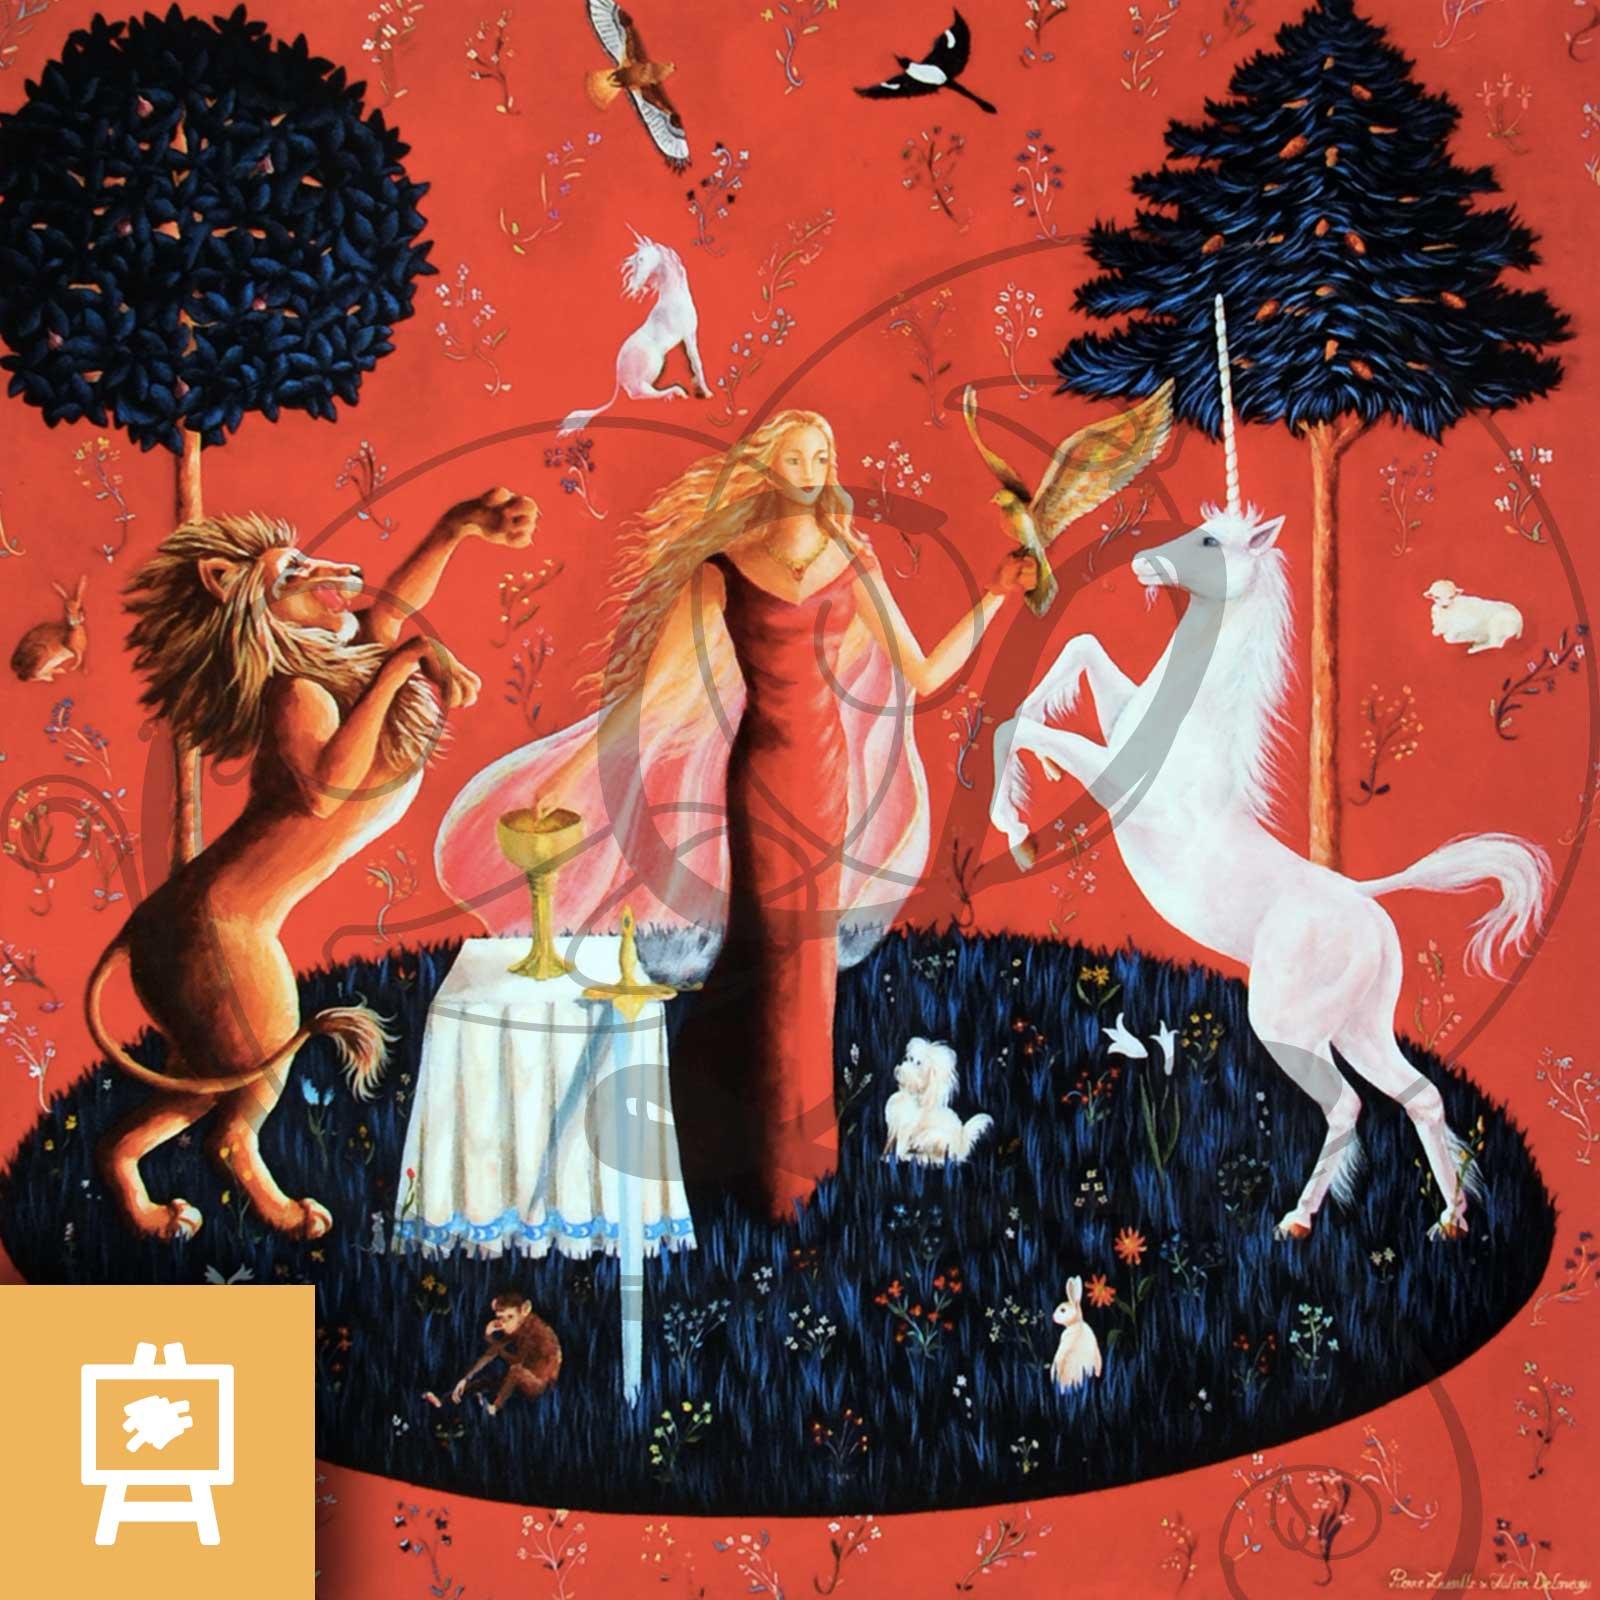 reproduction-sur-toile-gout-sens-dame-a-la-licorne-legendart